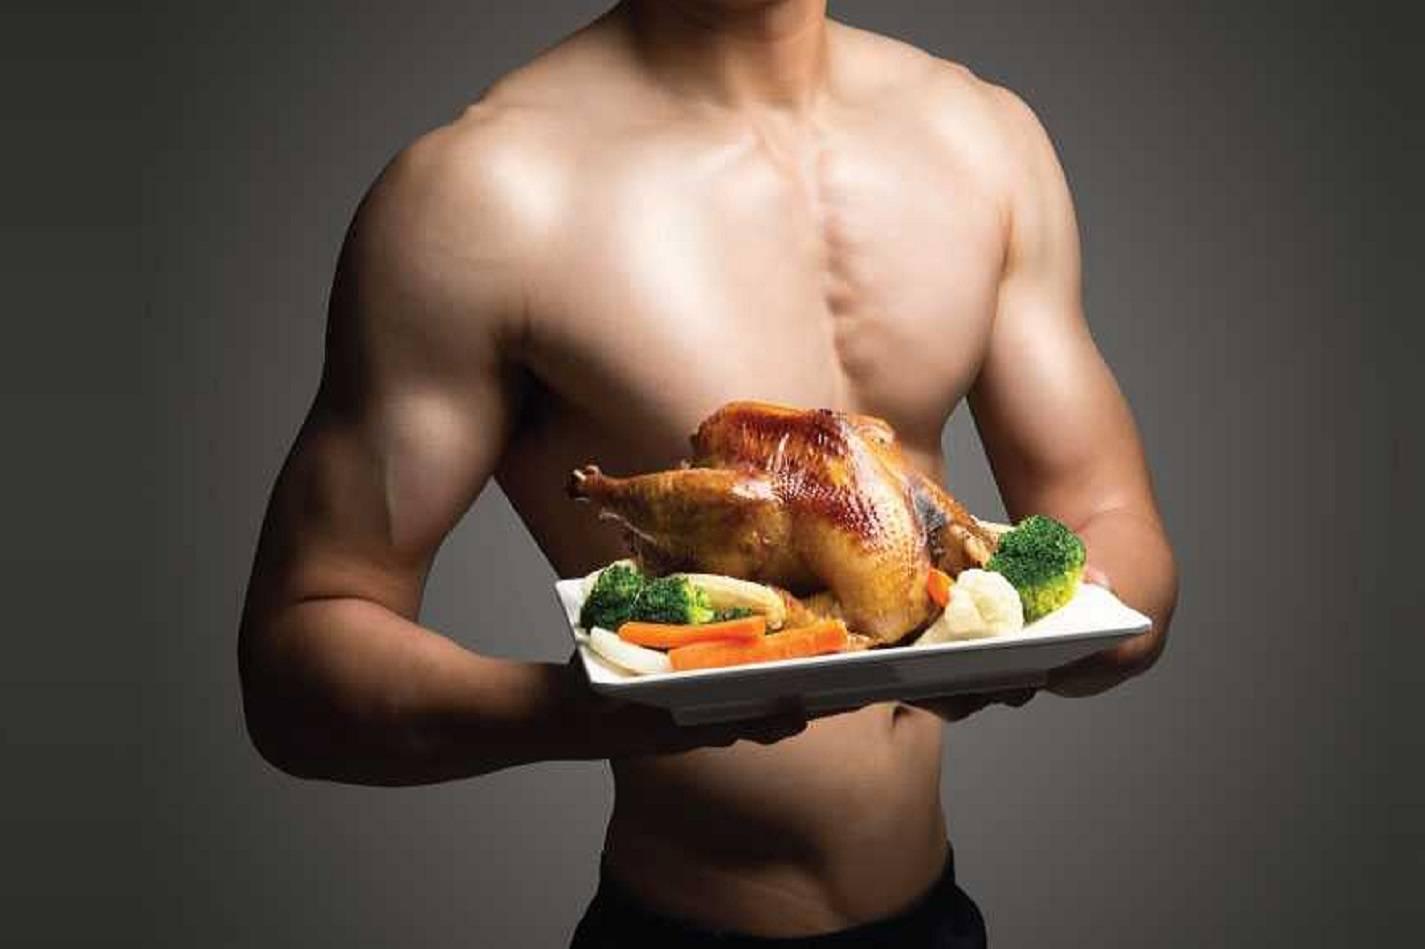 Питание для набора мышечной массы для девушек: правильный рацион